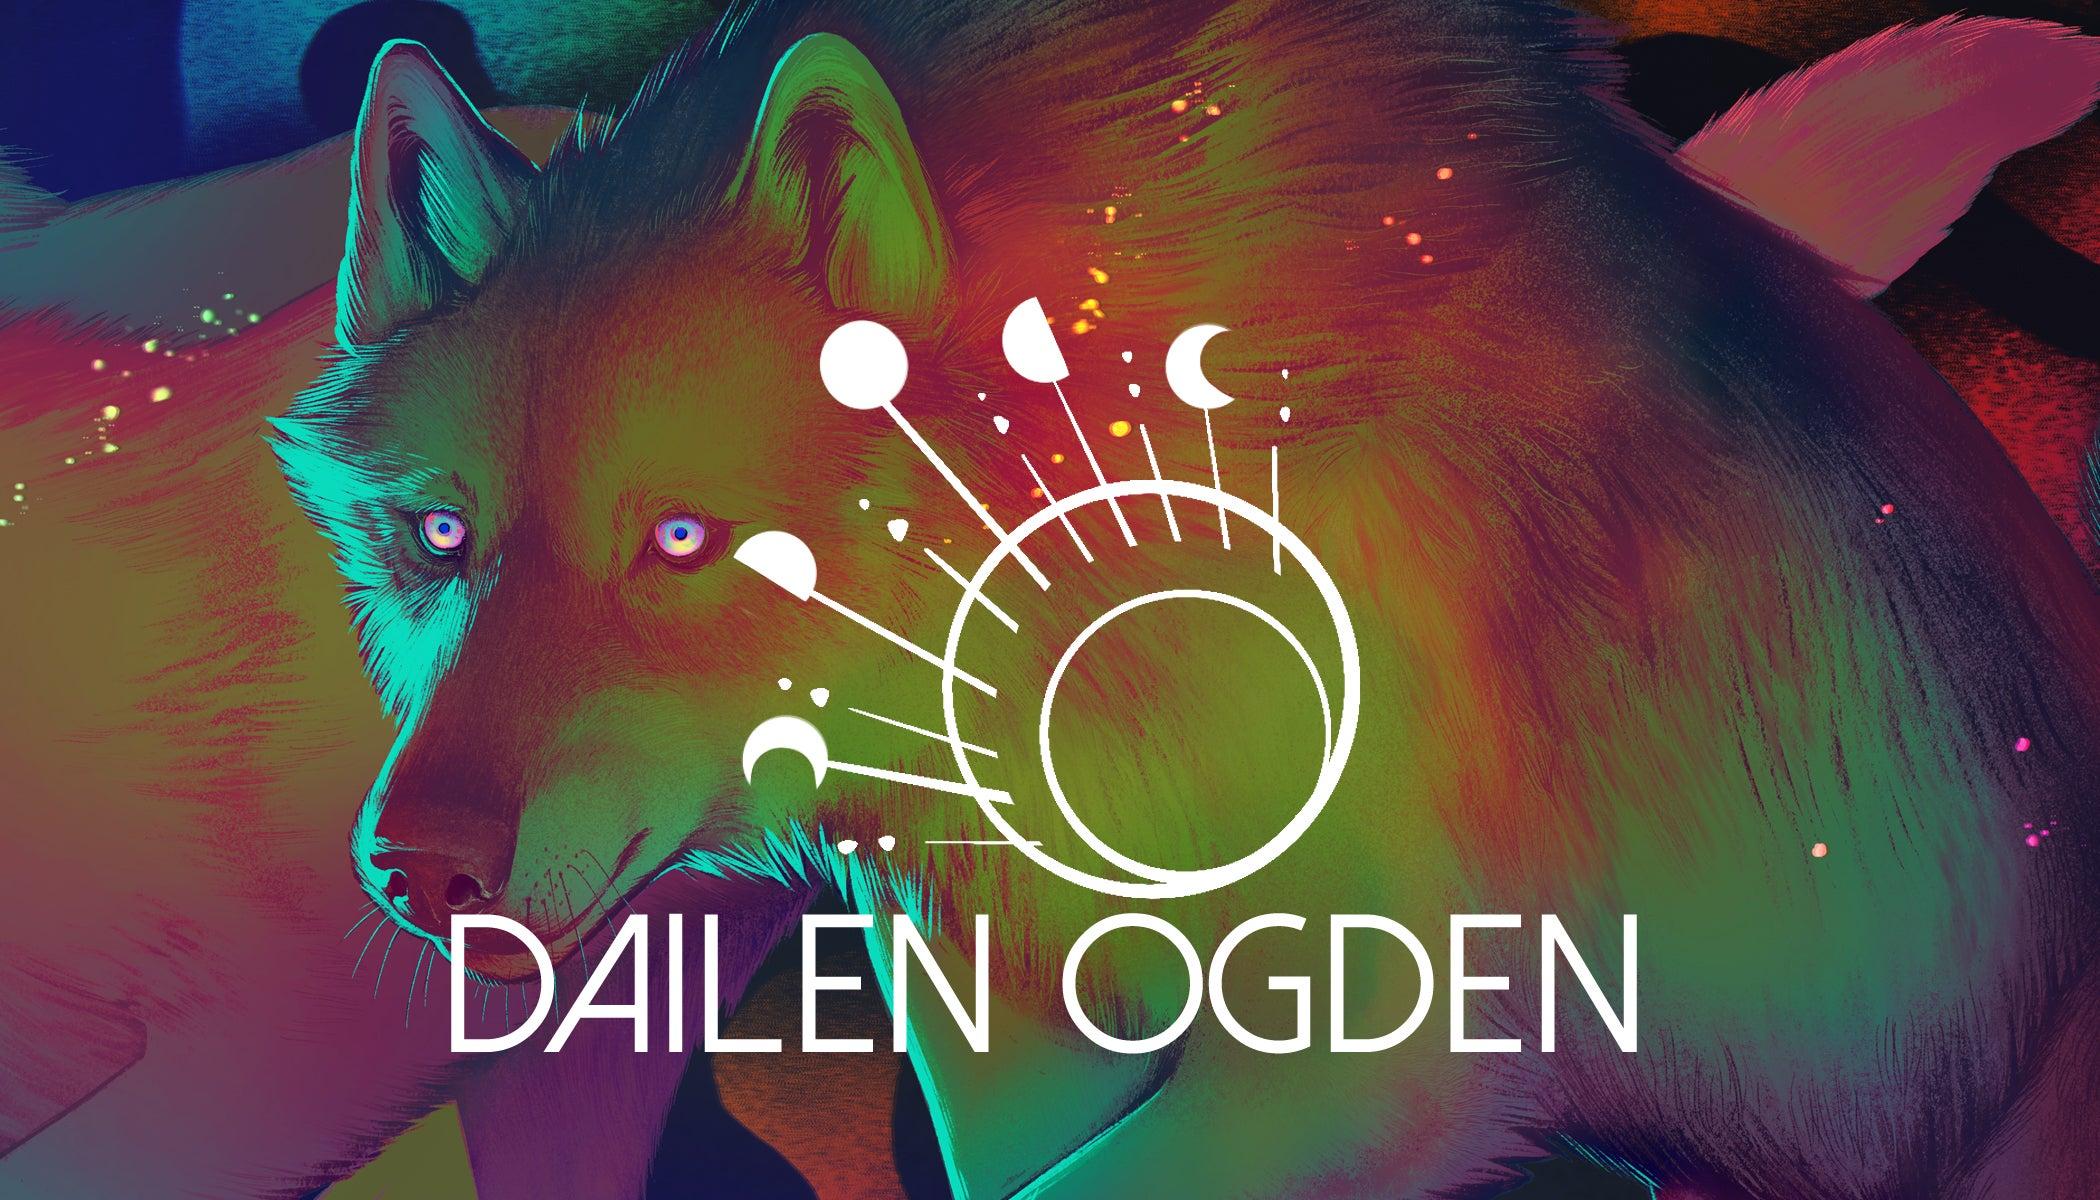 Dailen Ogden